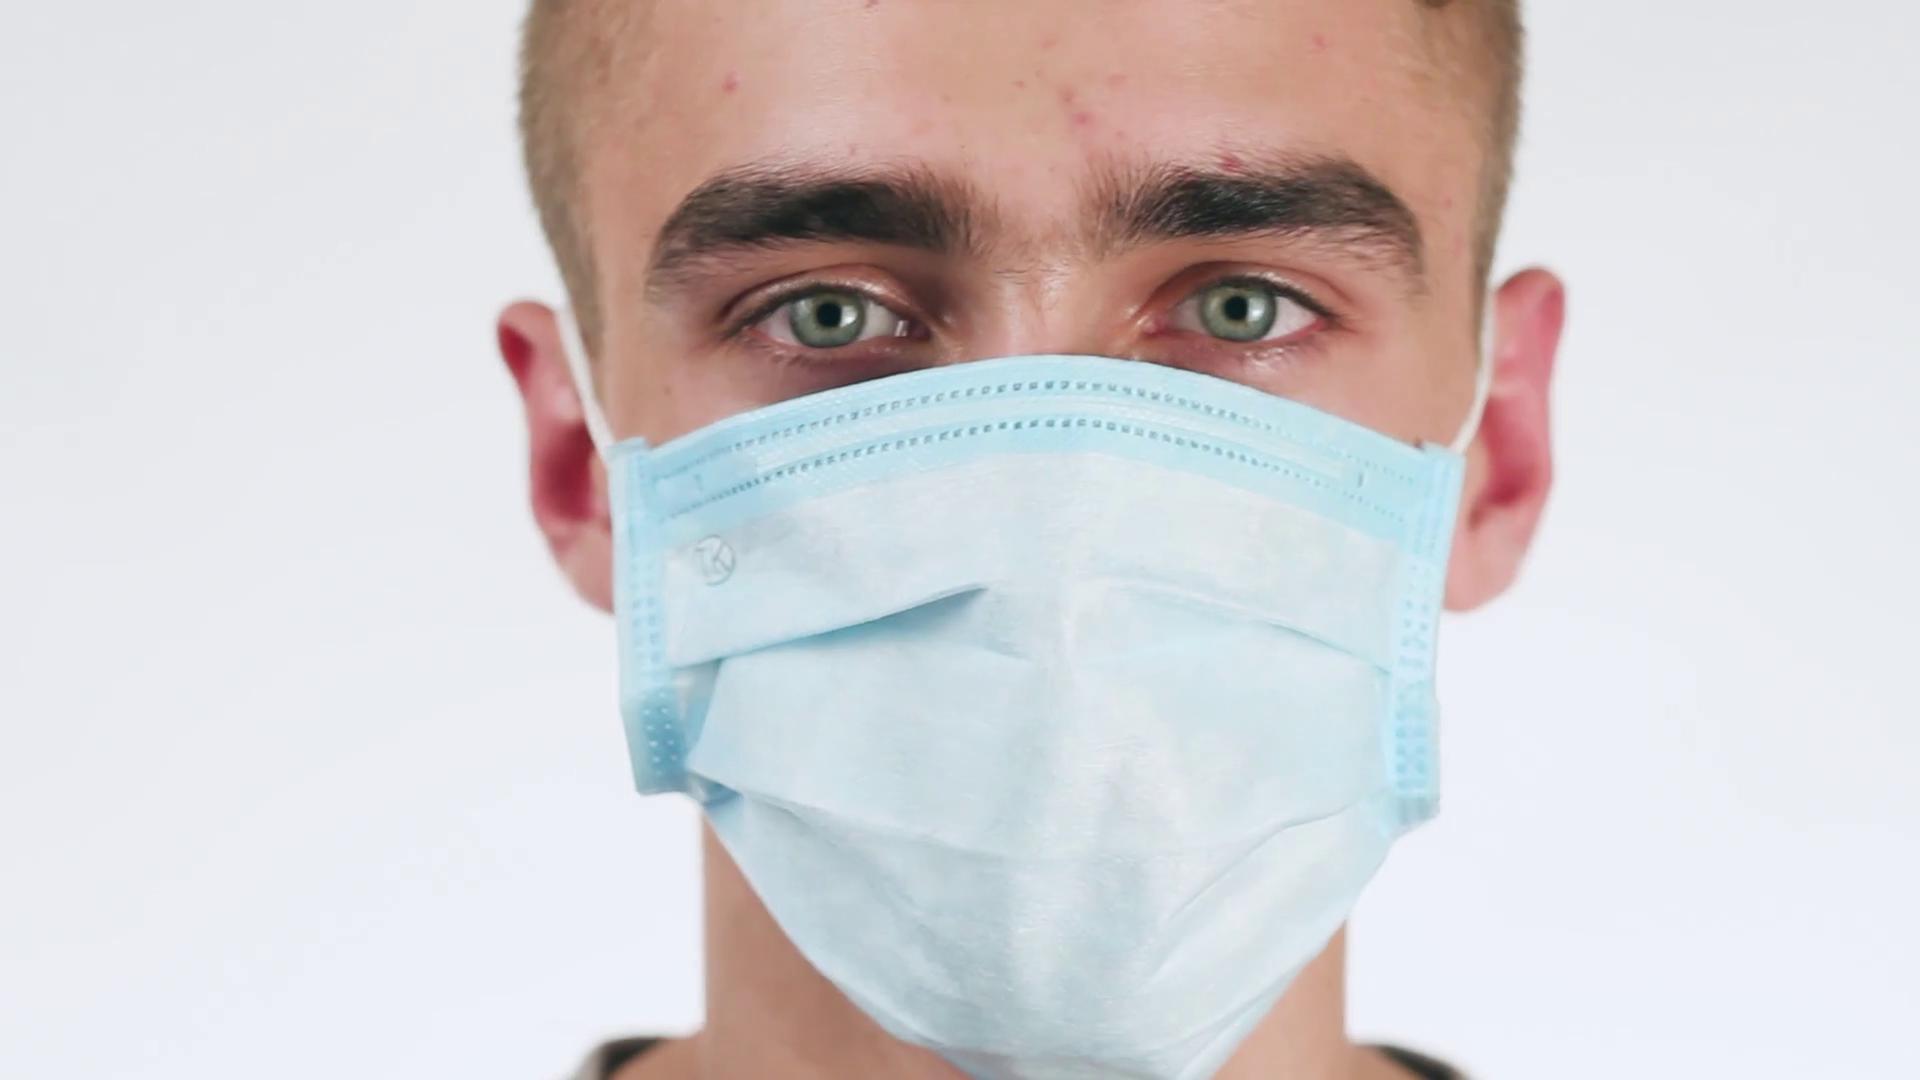 medical face mask - photo #27